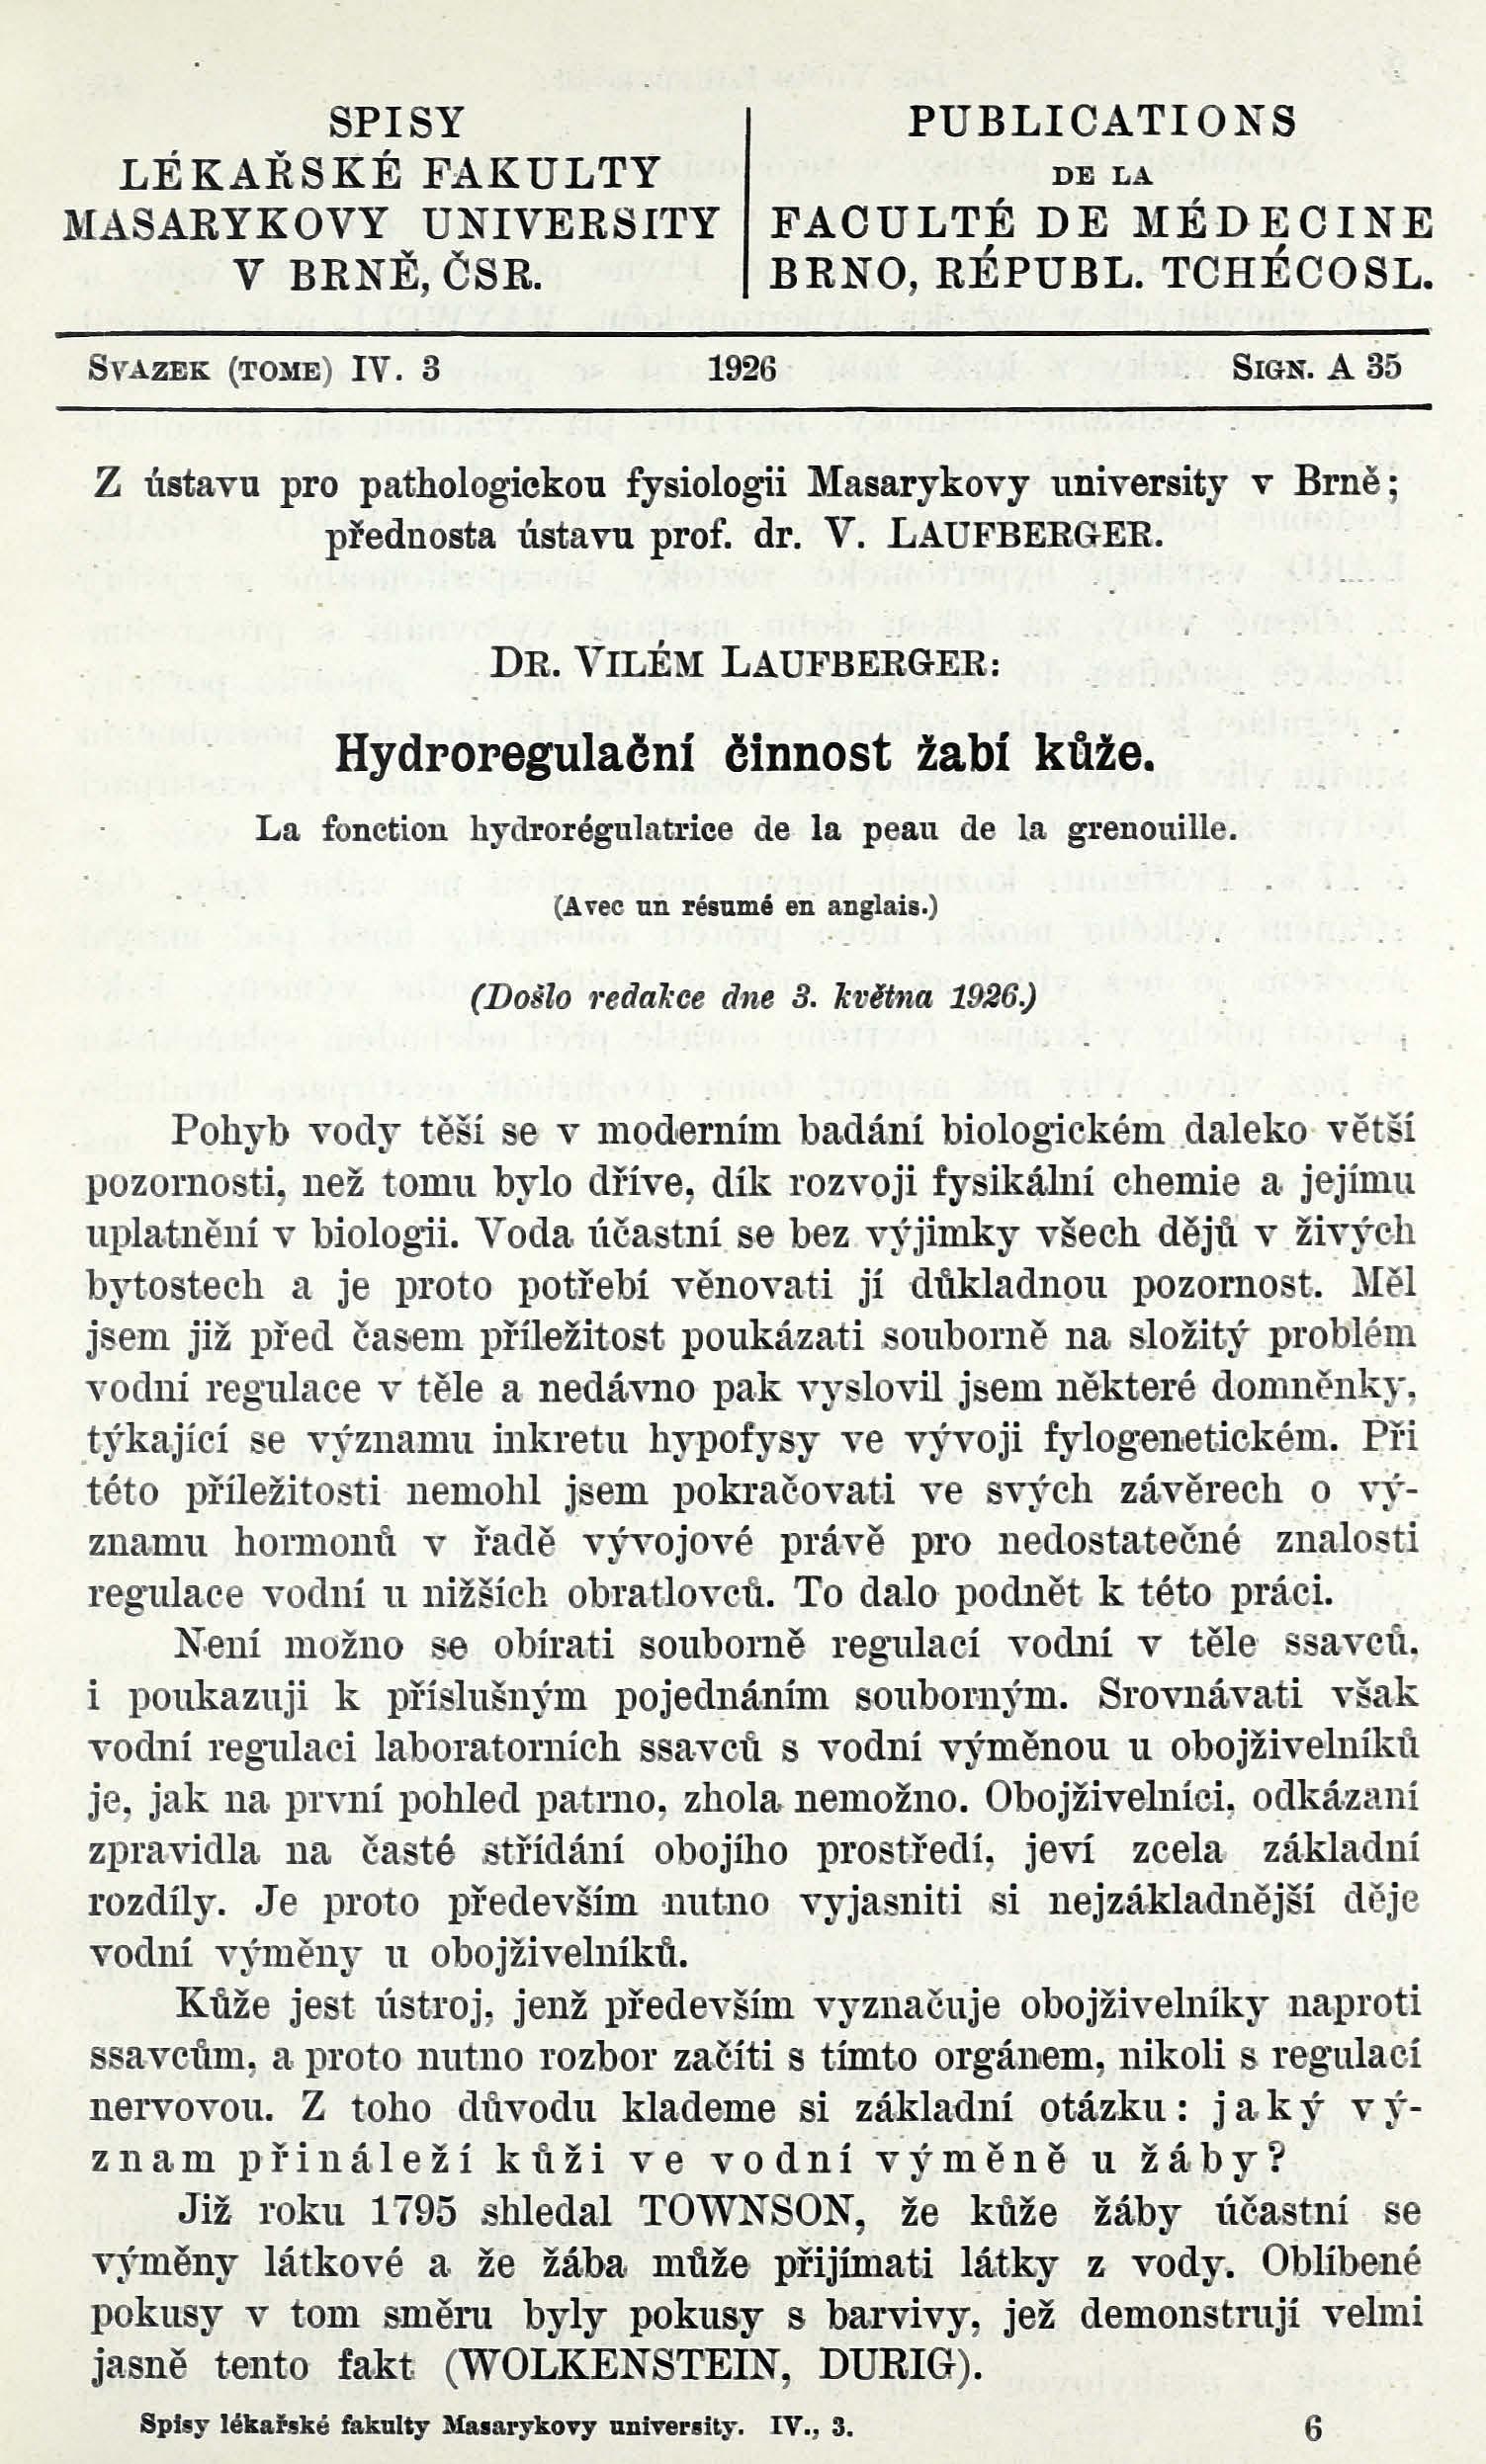 Obálka pro Hydroregulační činnost žabí kůže / La fonction hydrorégulatrice de la peau de la grenouille